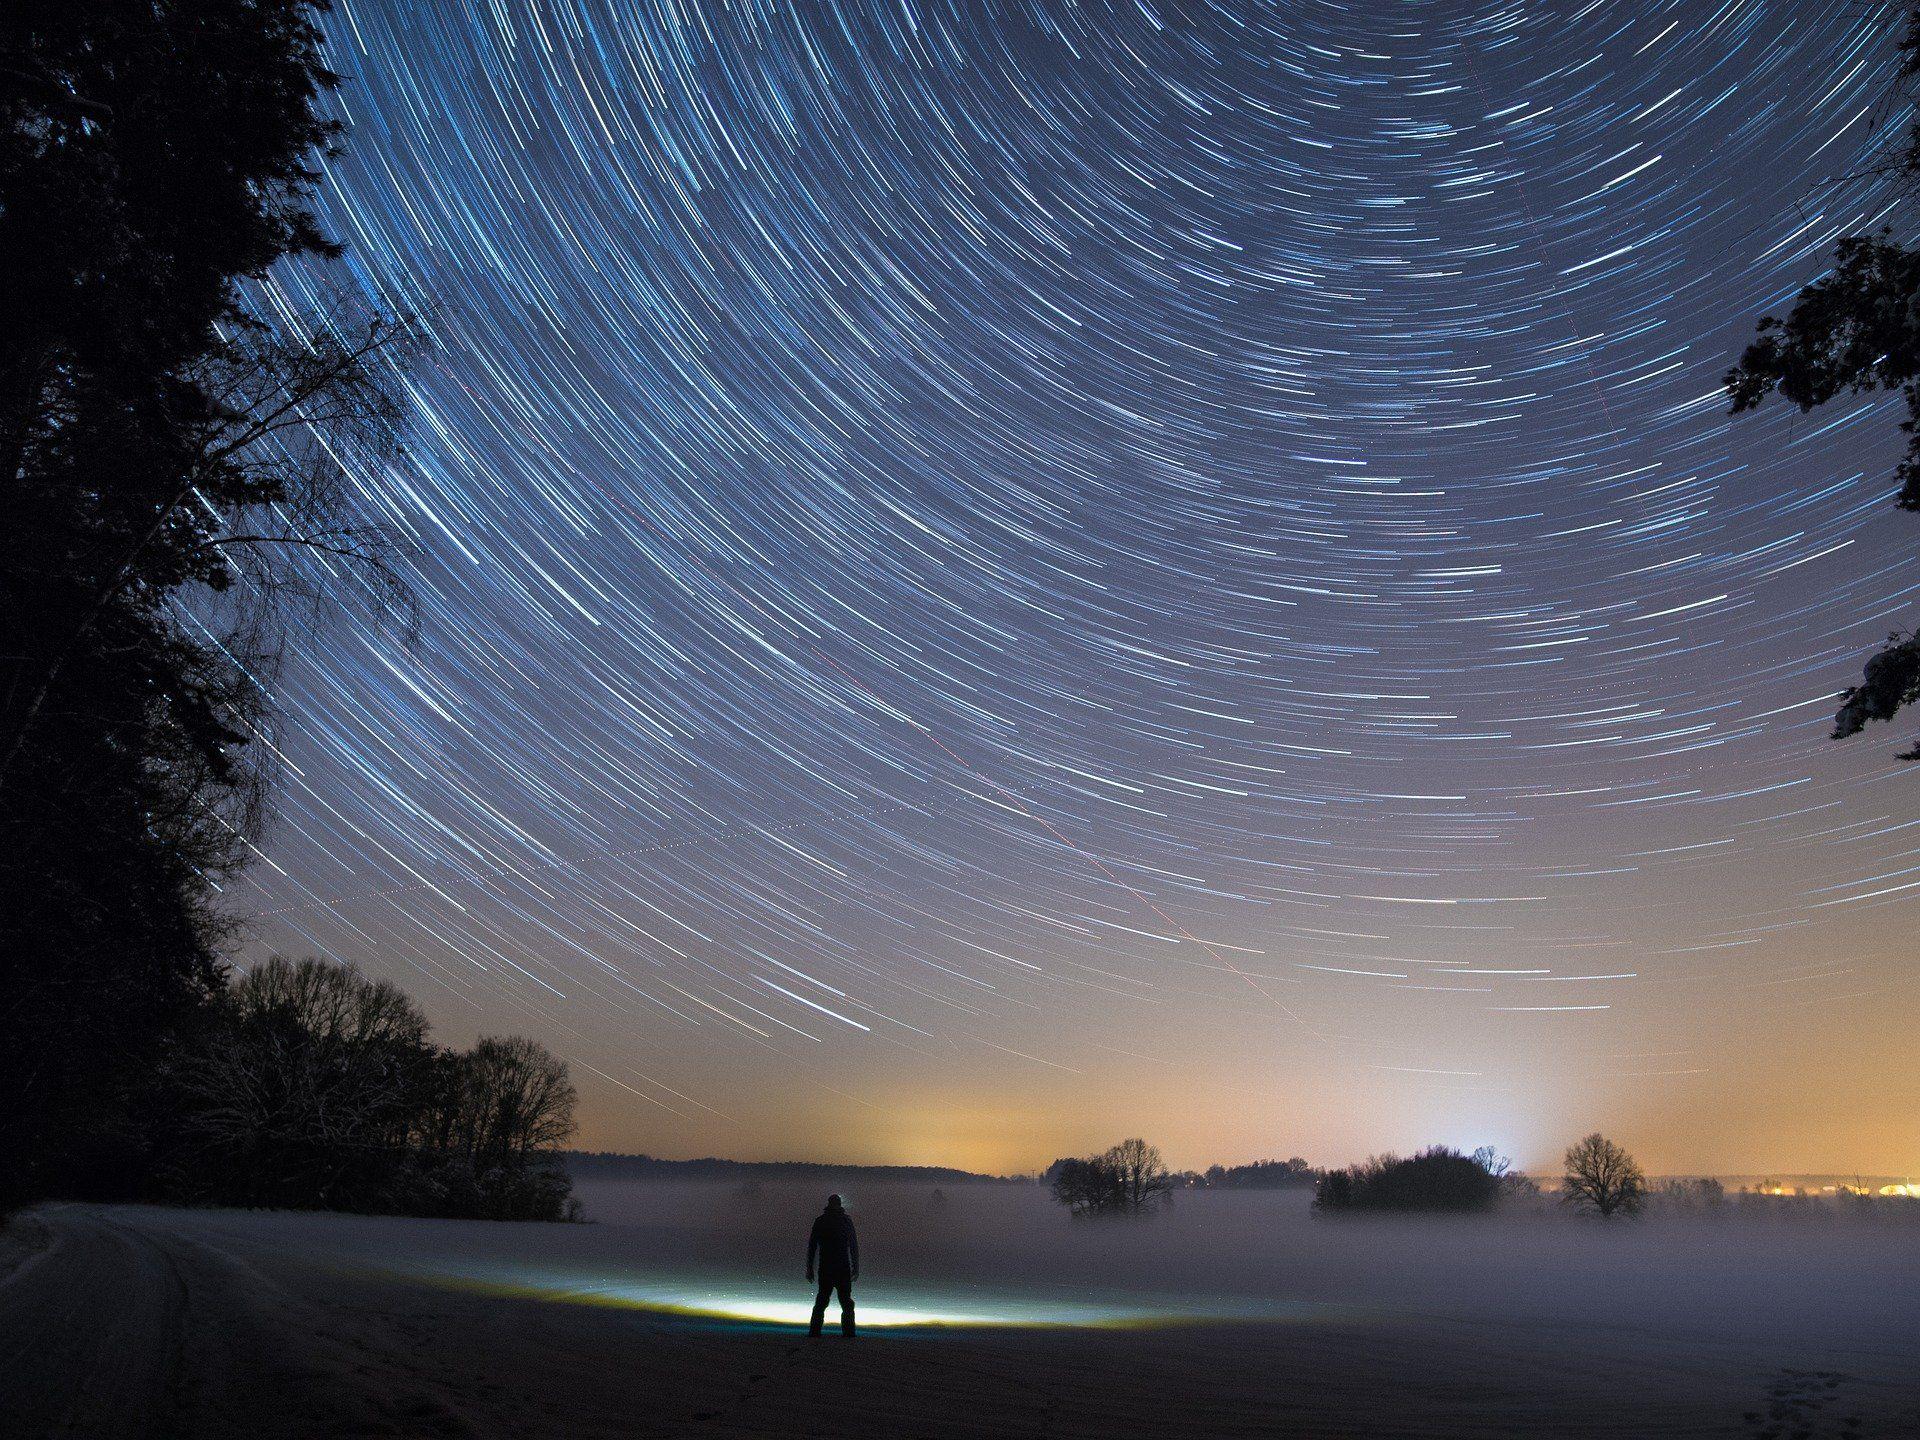 Découvrer de beaux paysages de nuit en musique Paysage